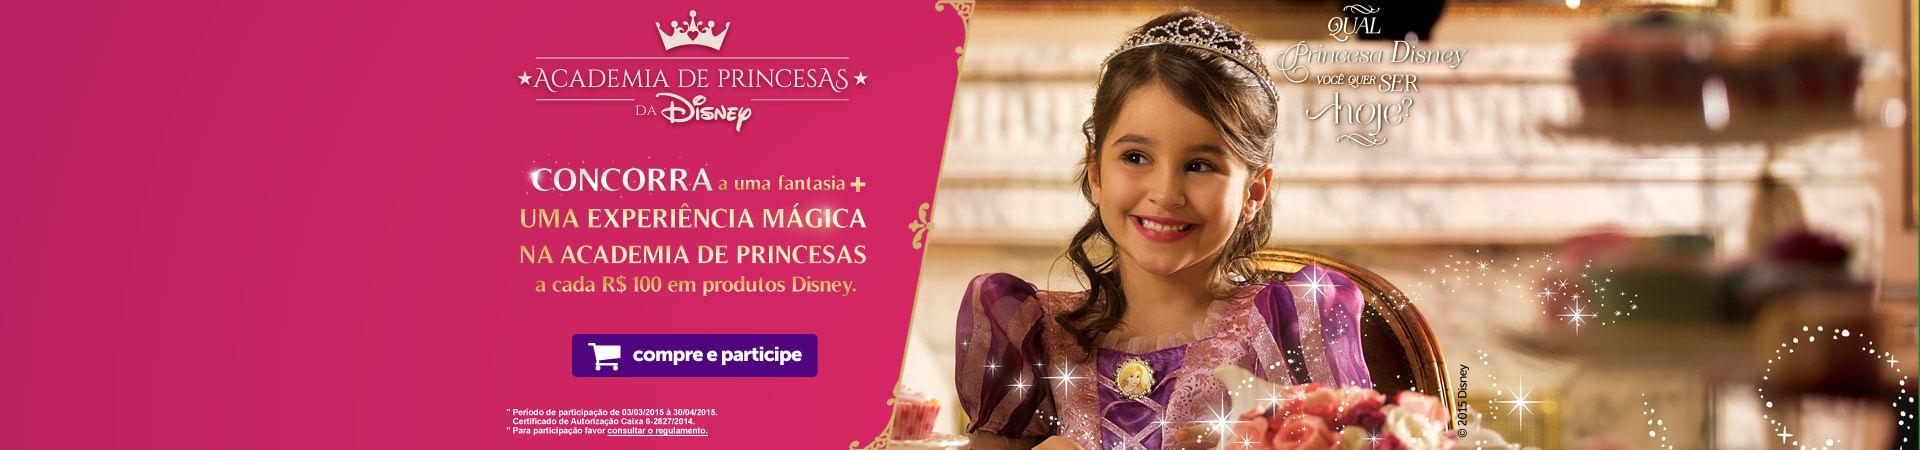 Promoção Academia de Princesas